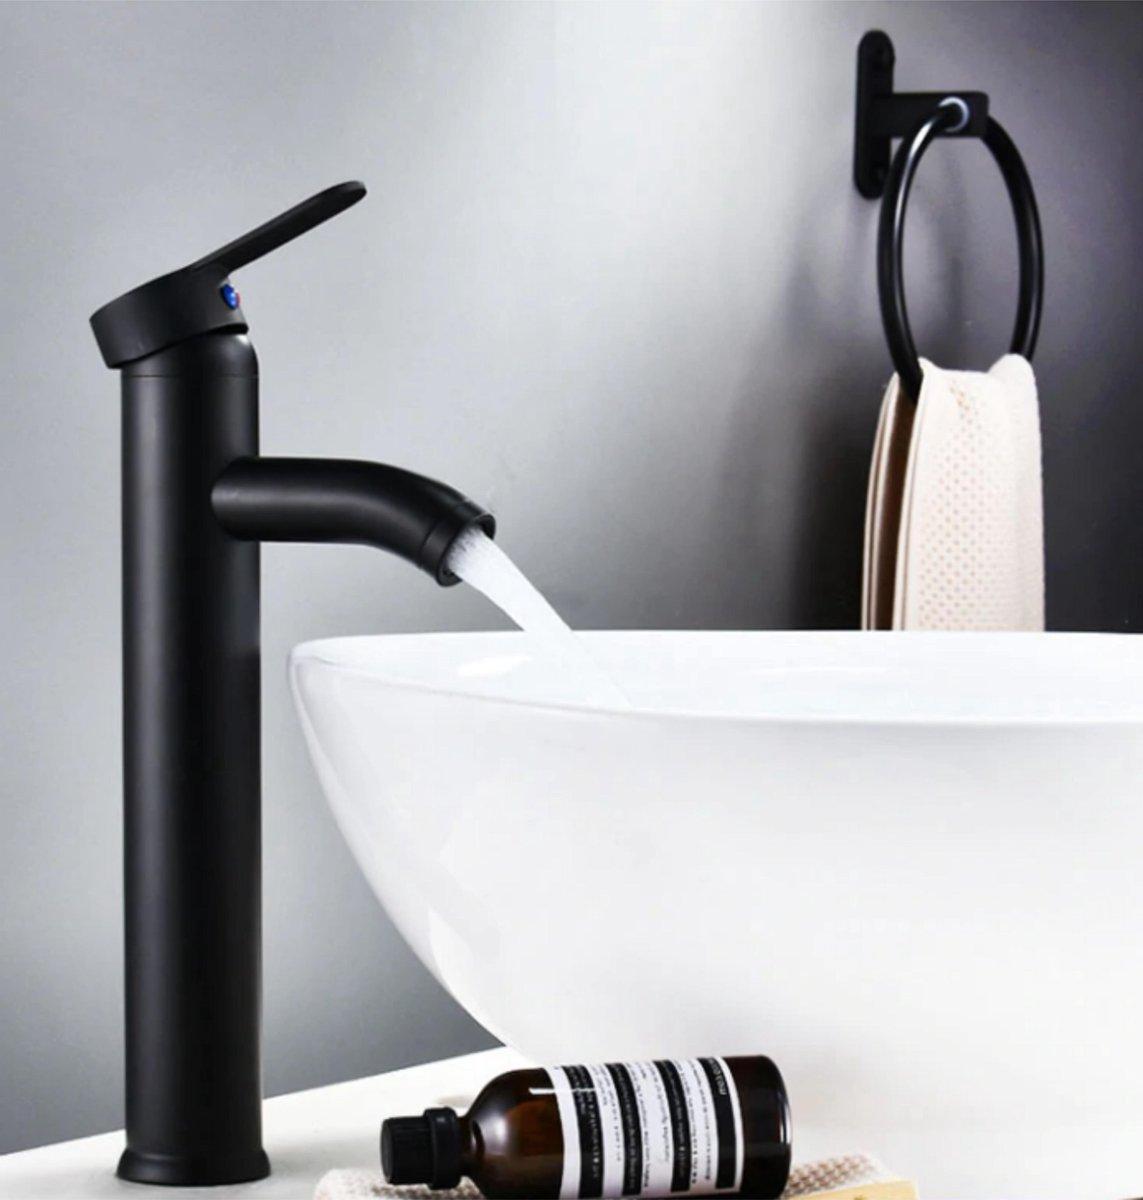 GIMAXX Luxe Wastafelkraan - Hoge Zwarte Keukenkraan Zwarte Handgreep - Hoogwaardige Badkamerkraan - Geschikt voor Warm & Koud Water - Zwart - Hoog